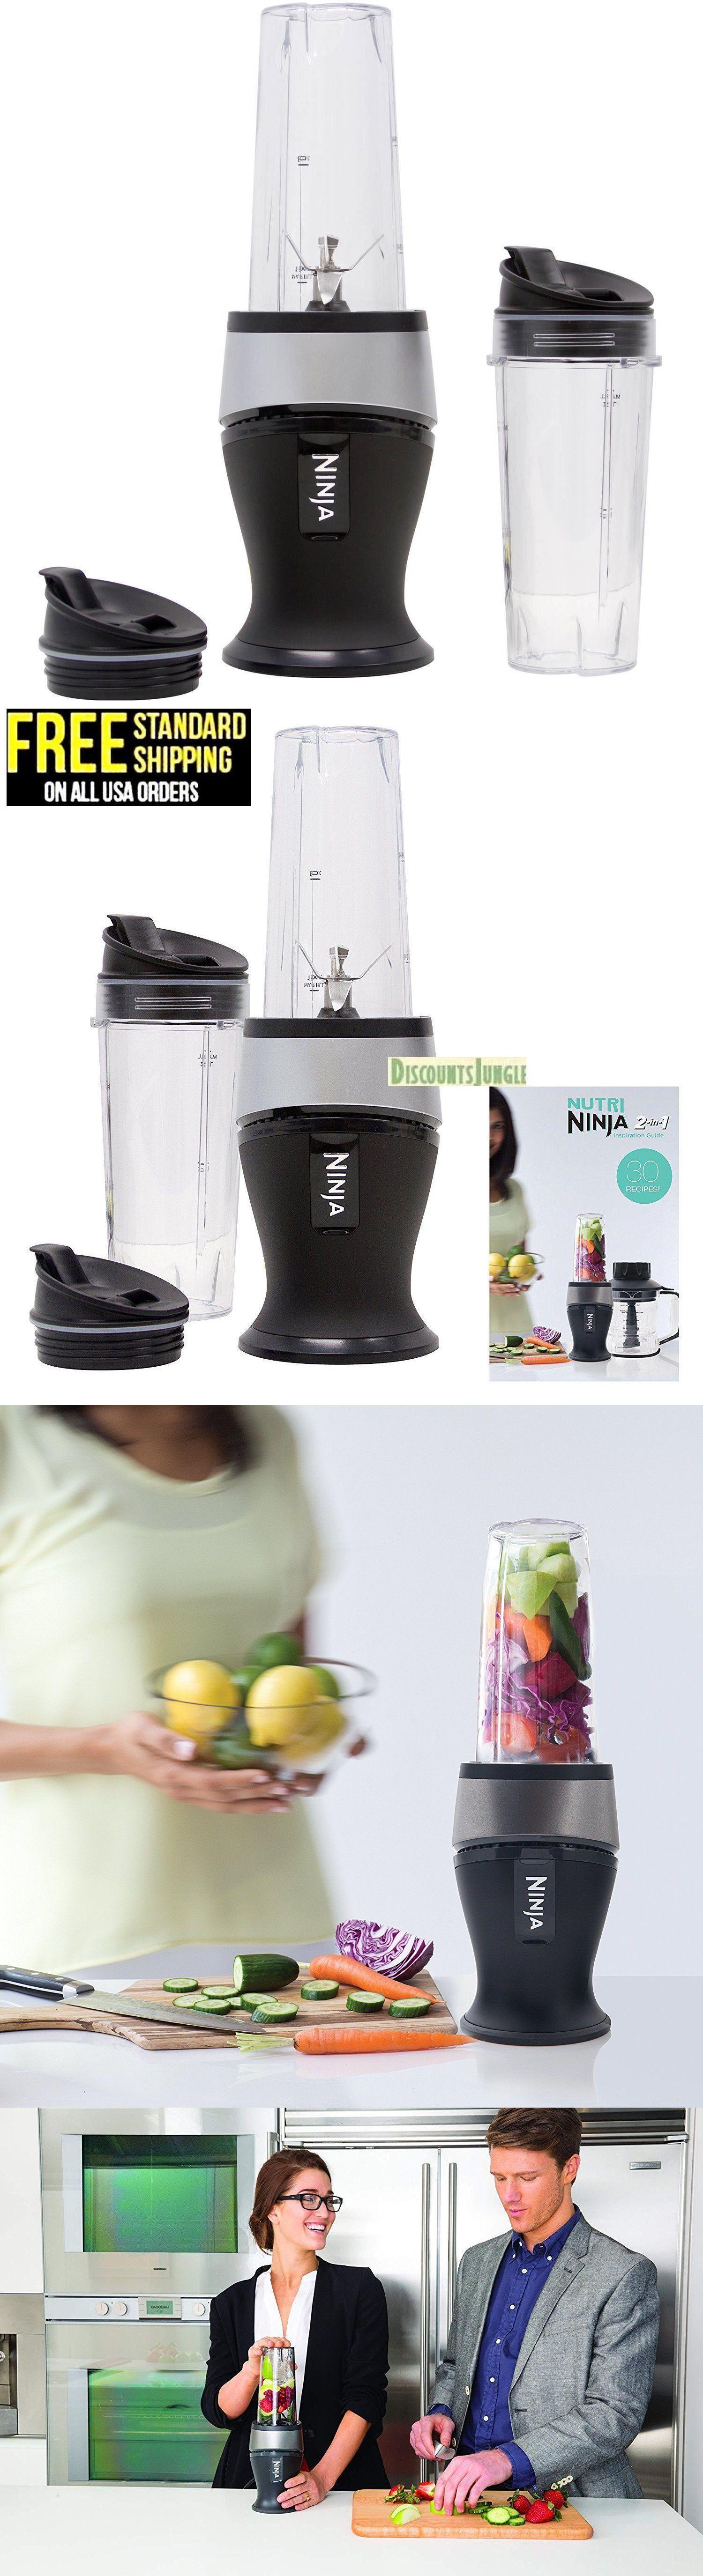 Nutri ninja bl450 professional blender 900w 21000rpm w 2